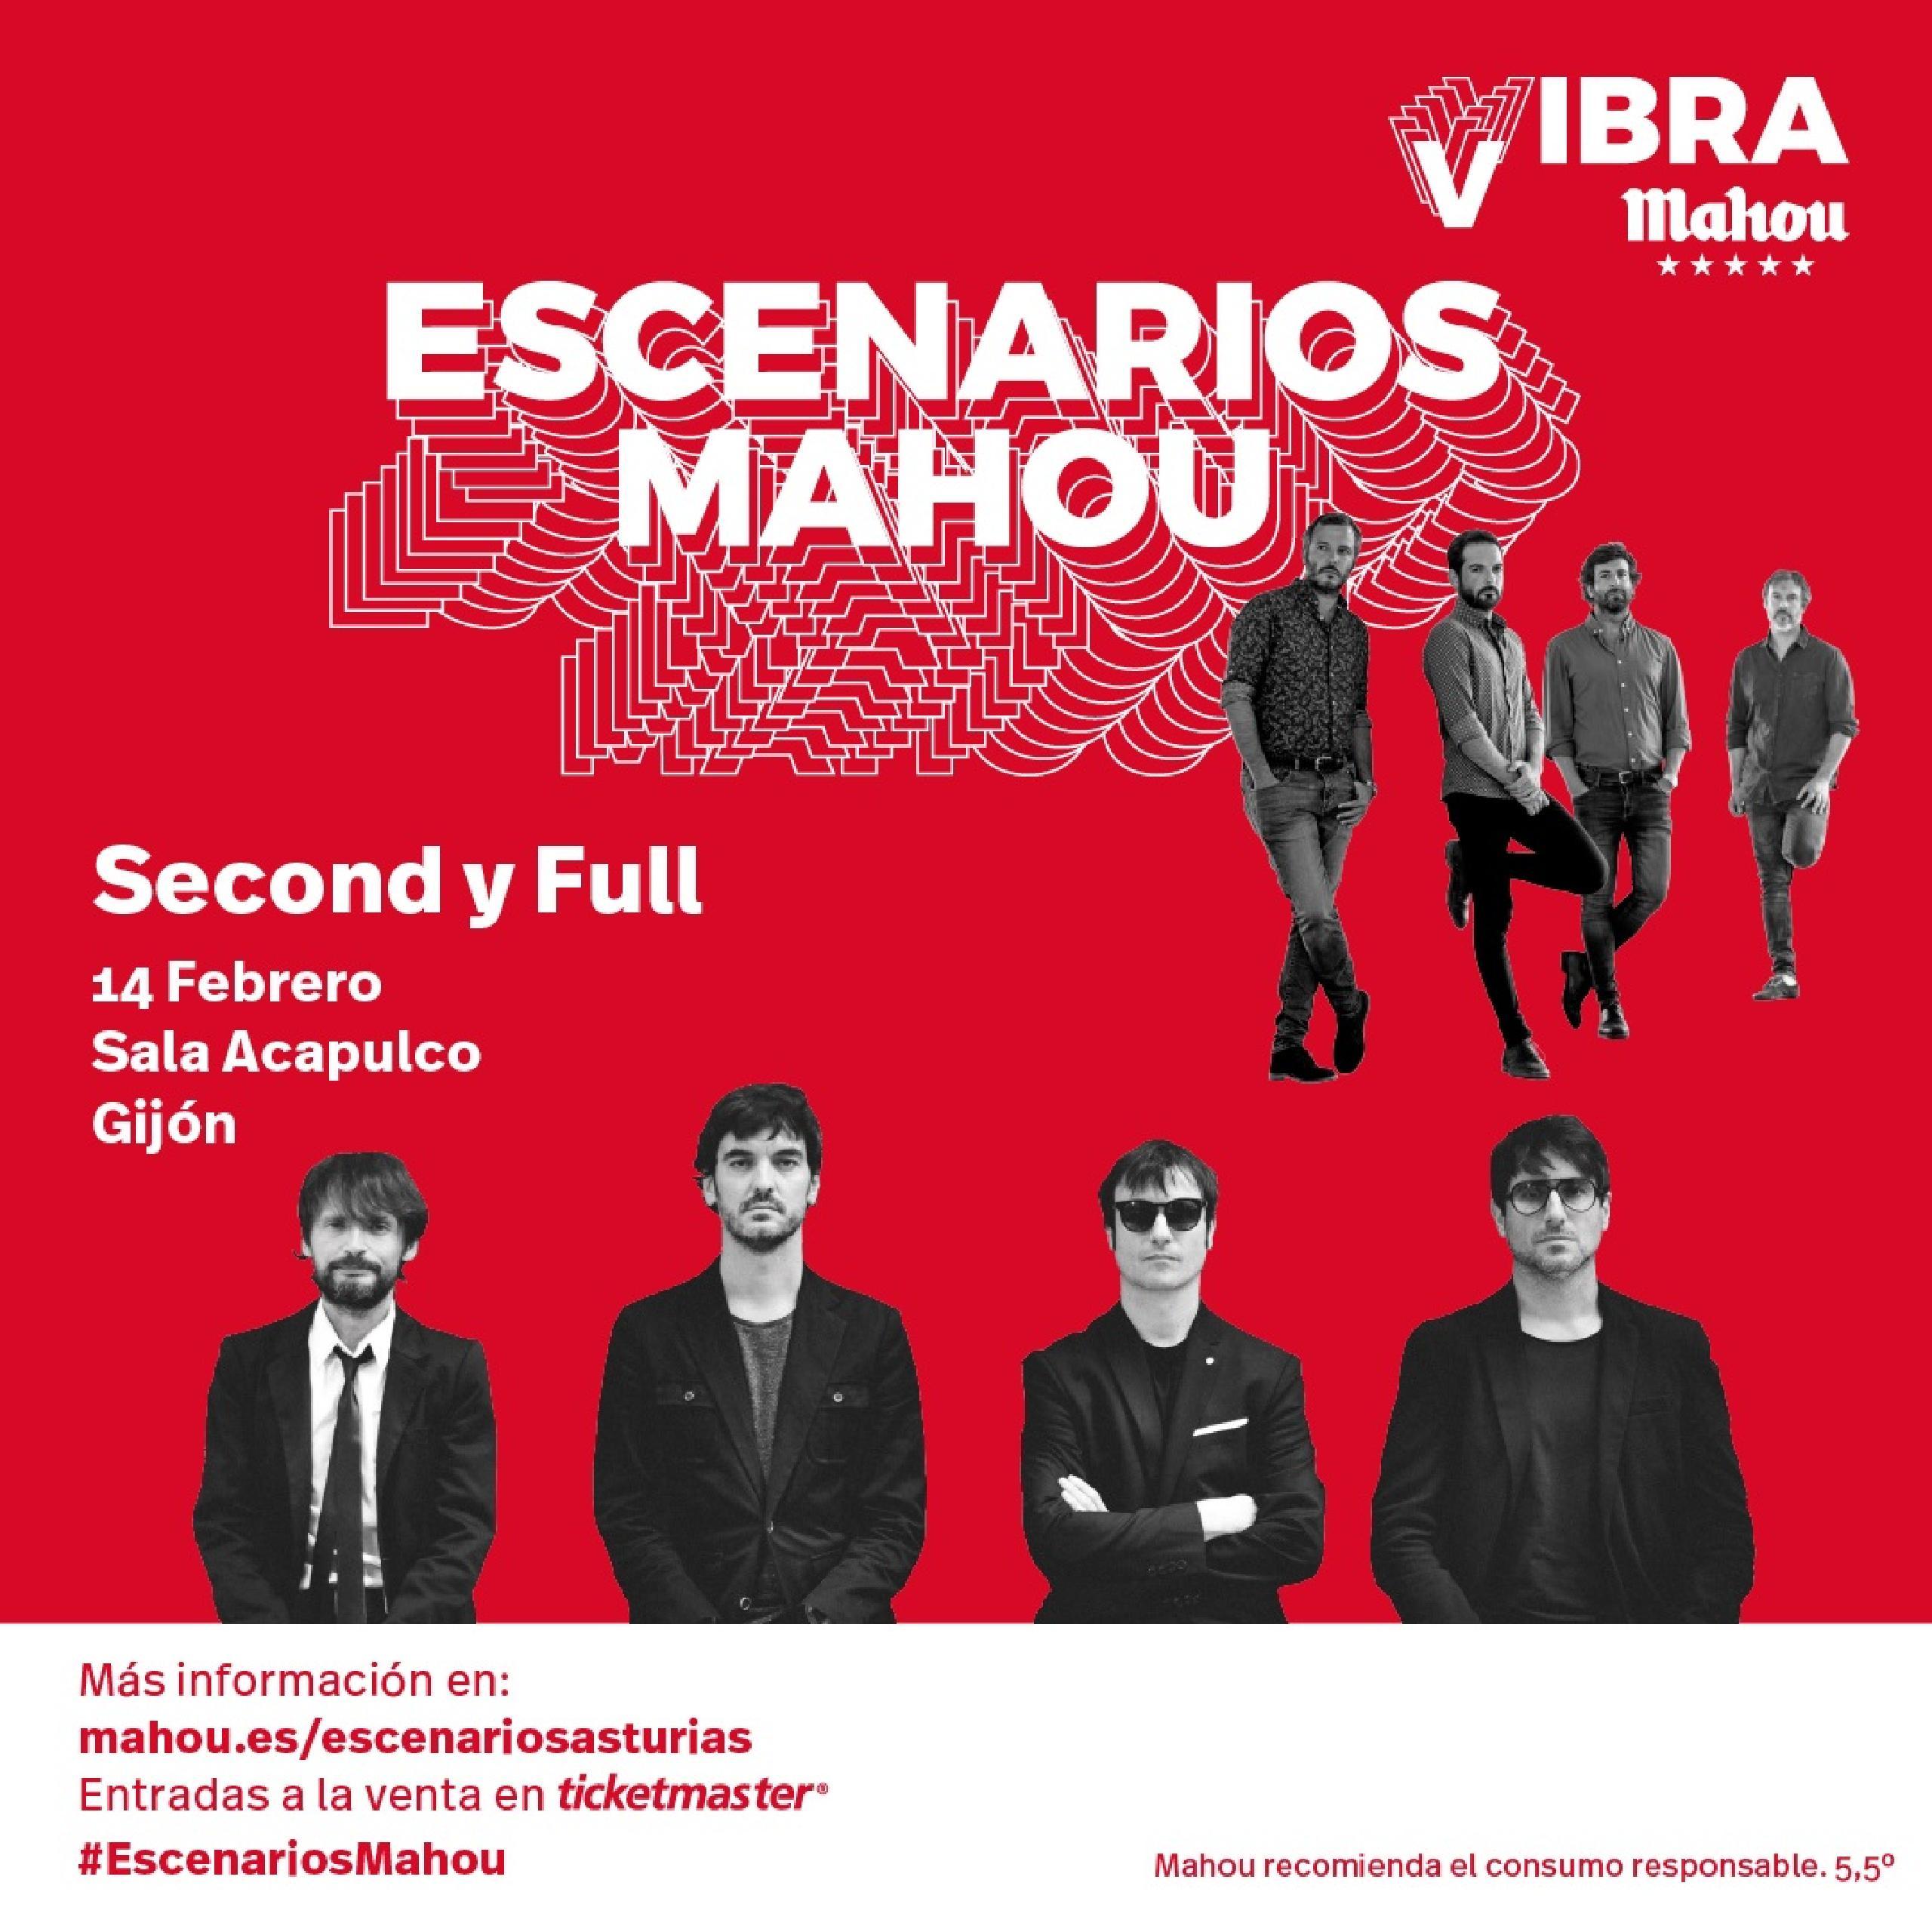 Second y Full concierto Gijón